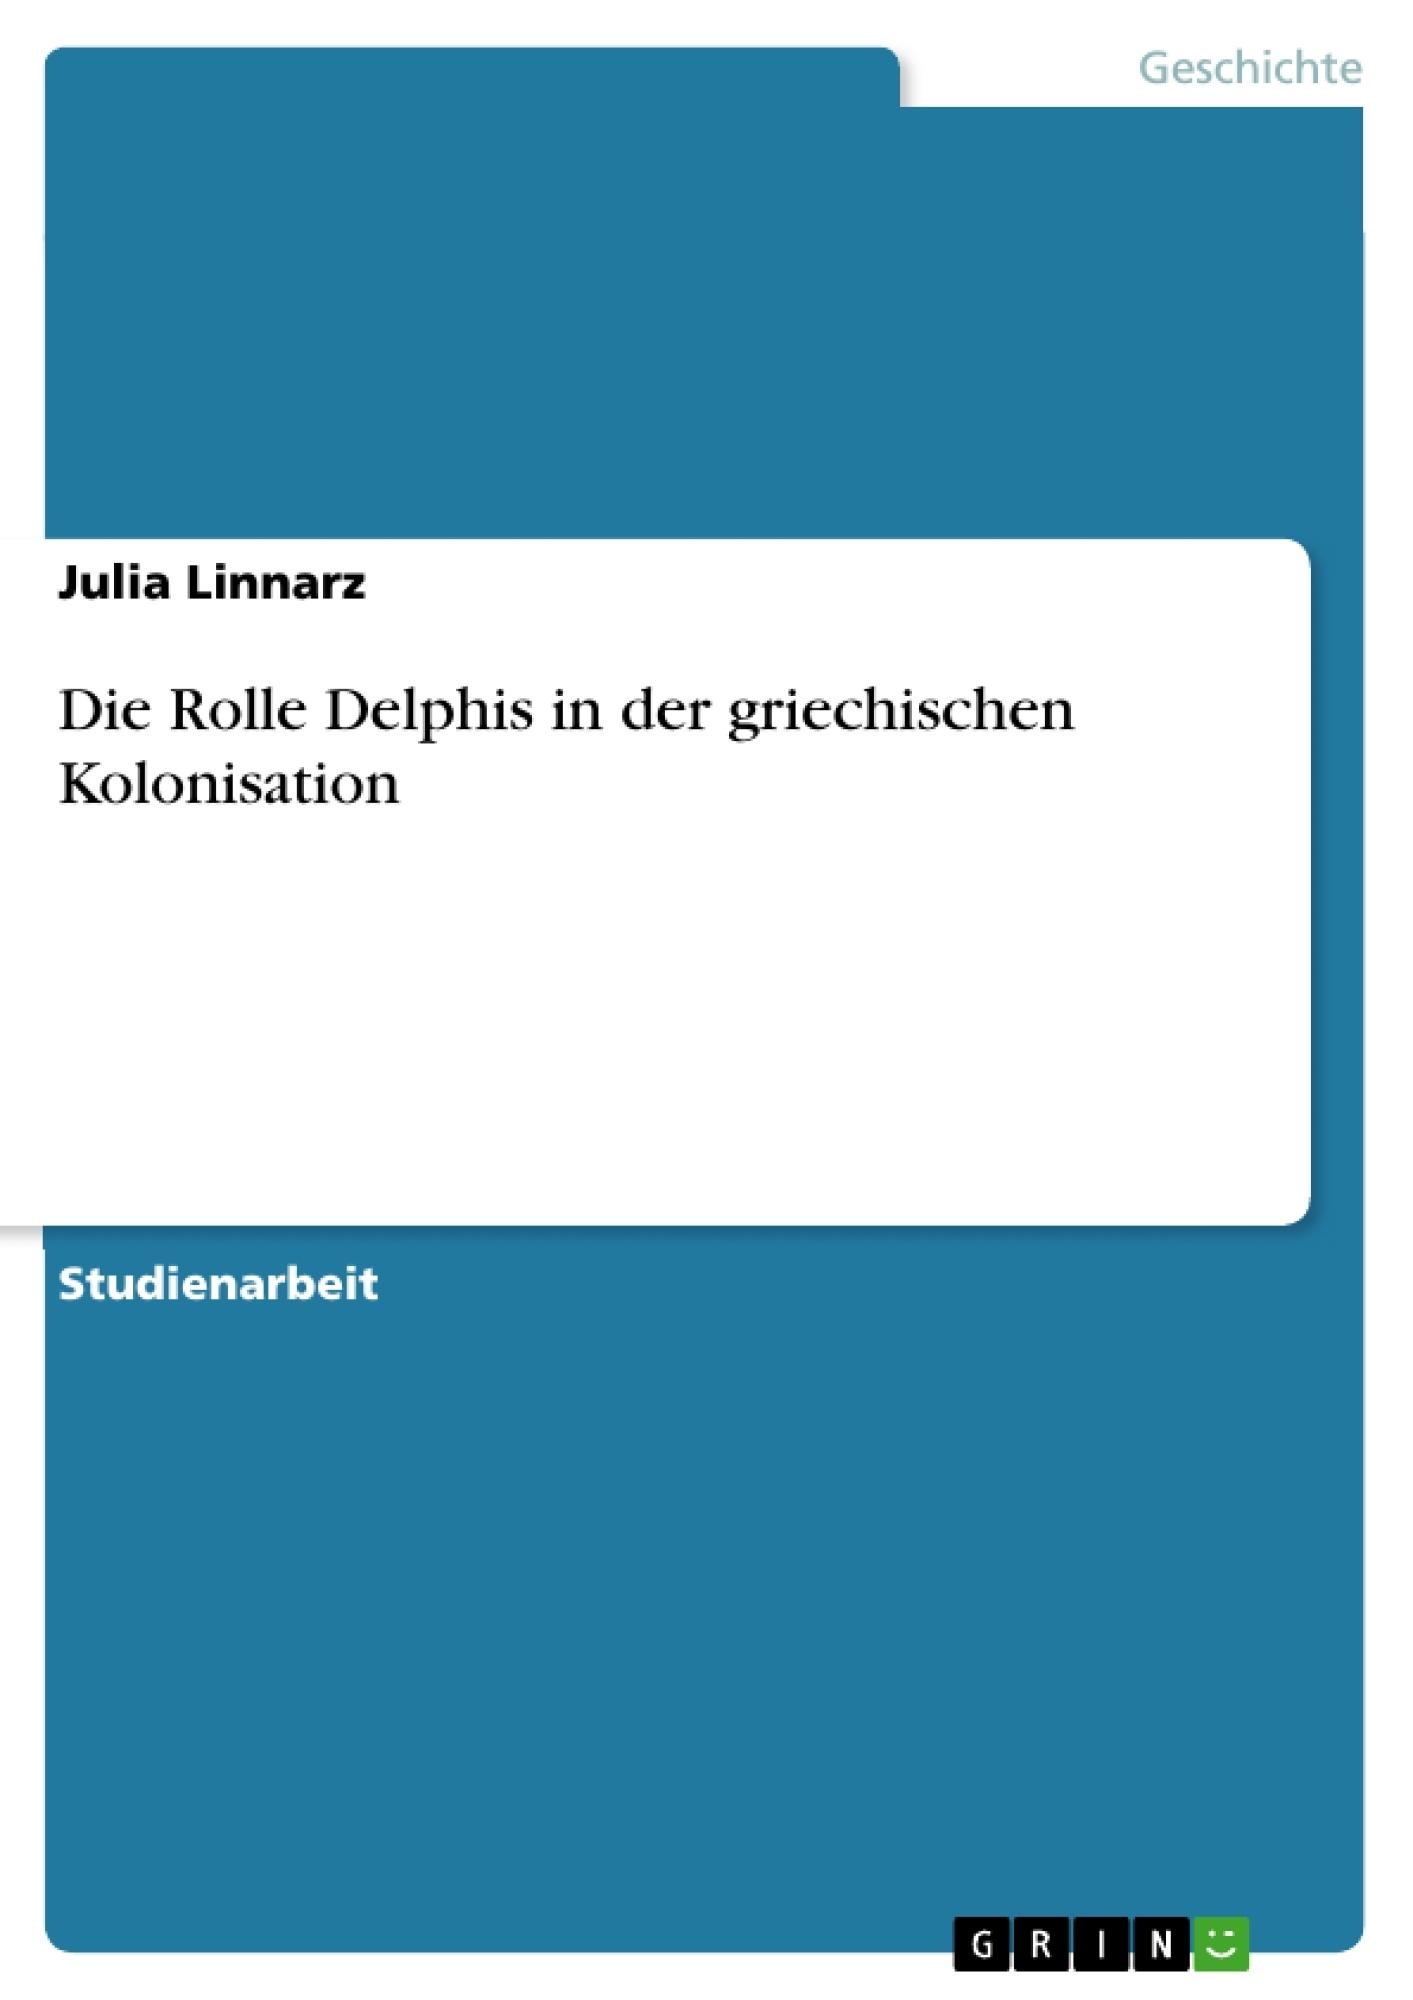 Titel: Die Rolle Delphis in der griechischen Kolonisation